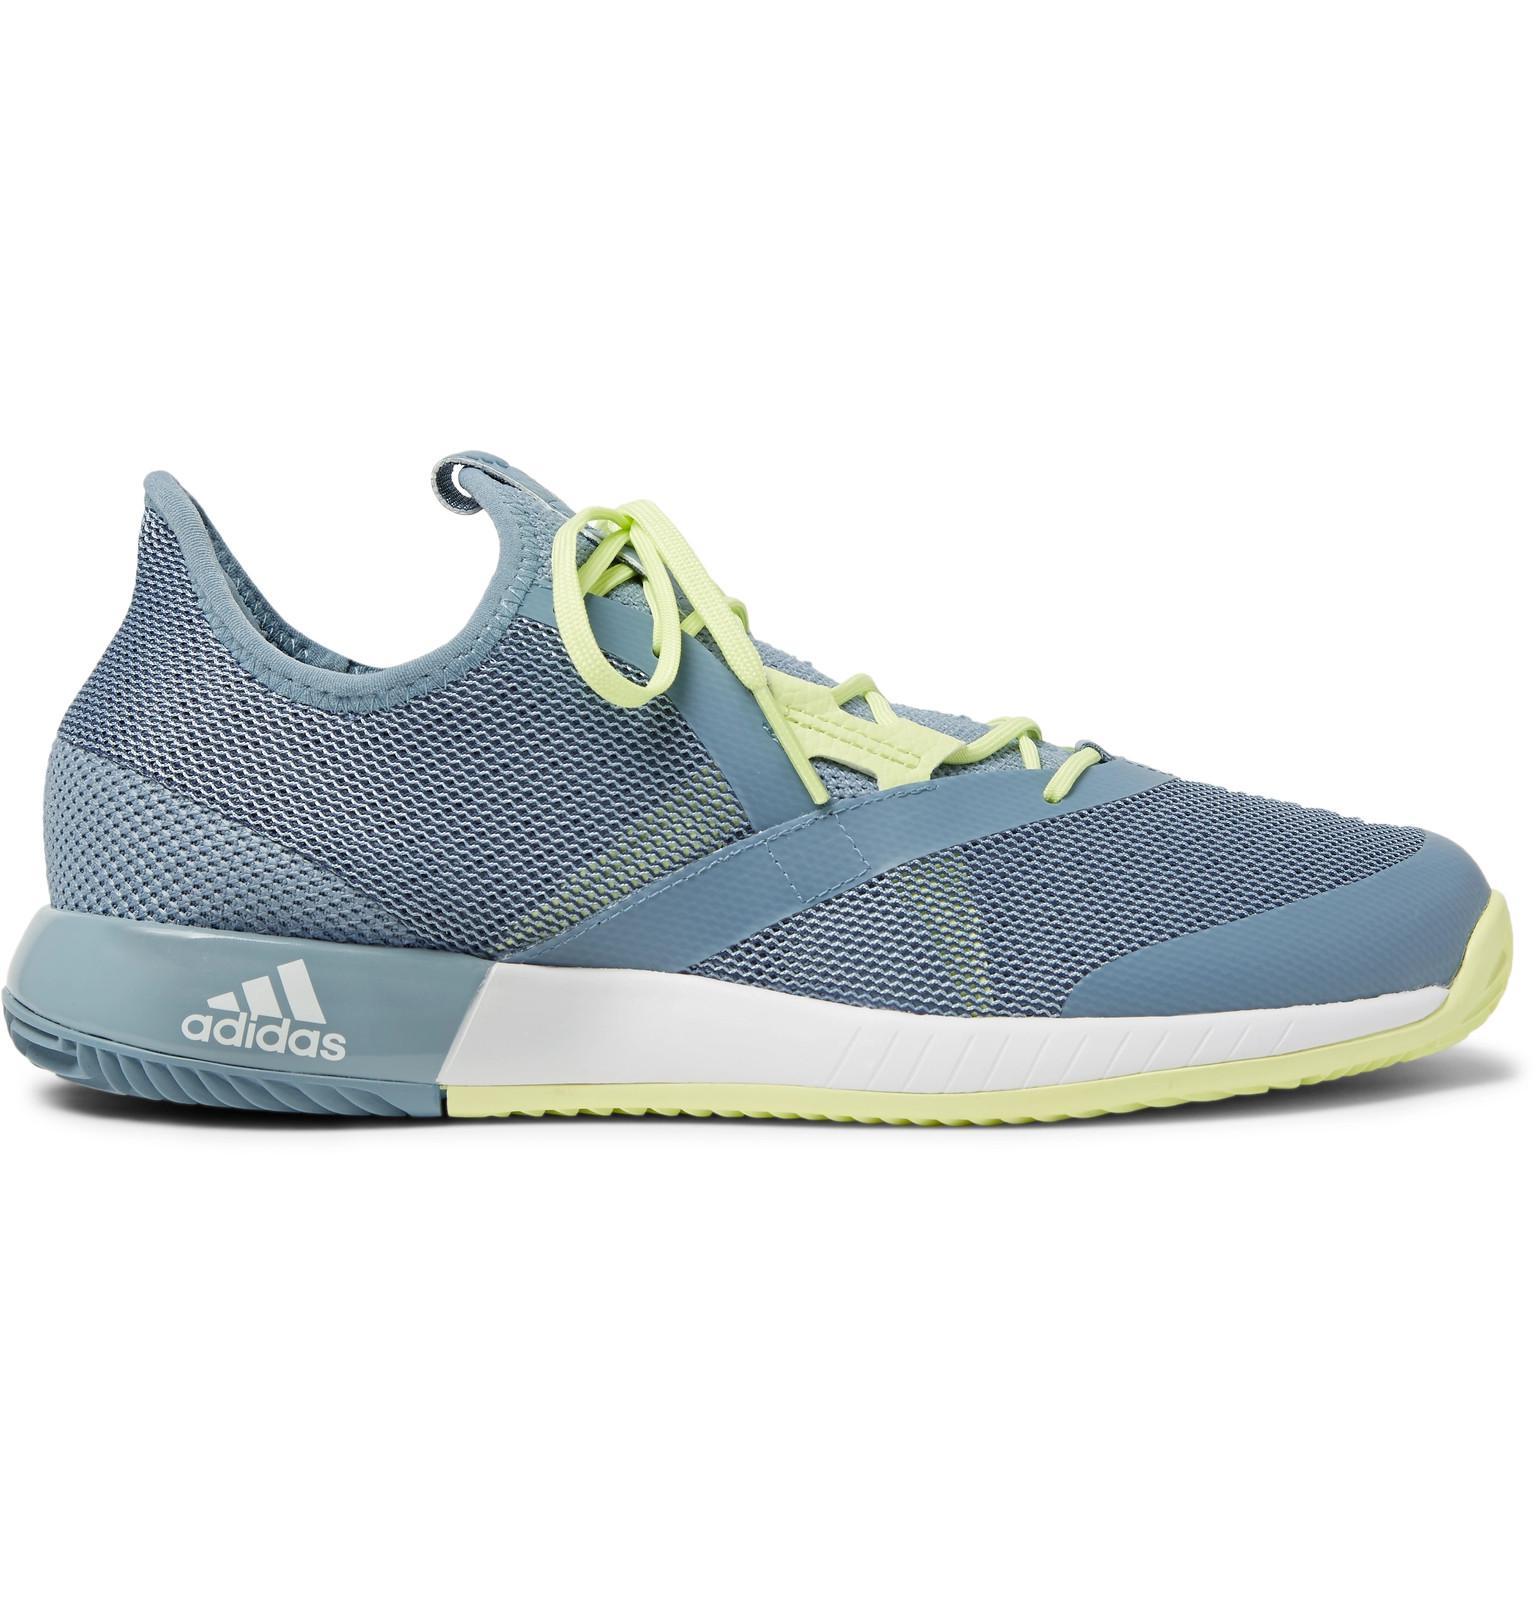 Adidas Originali Potato Adizero Defiant Rimbalzare Gomma Potato Originali Maglie Di Tennis 7915df